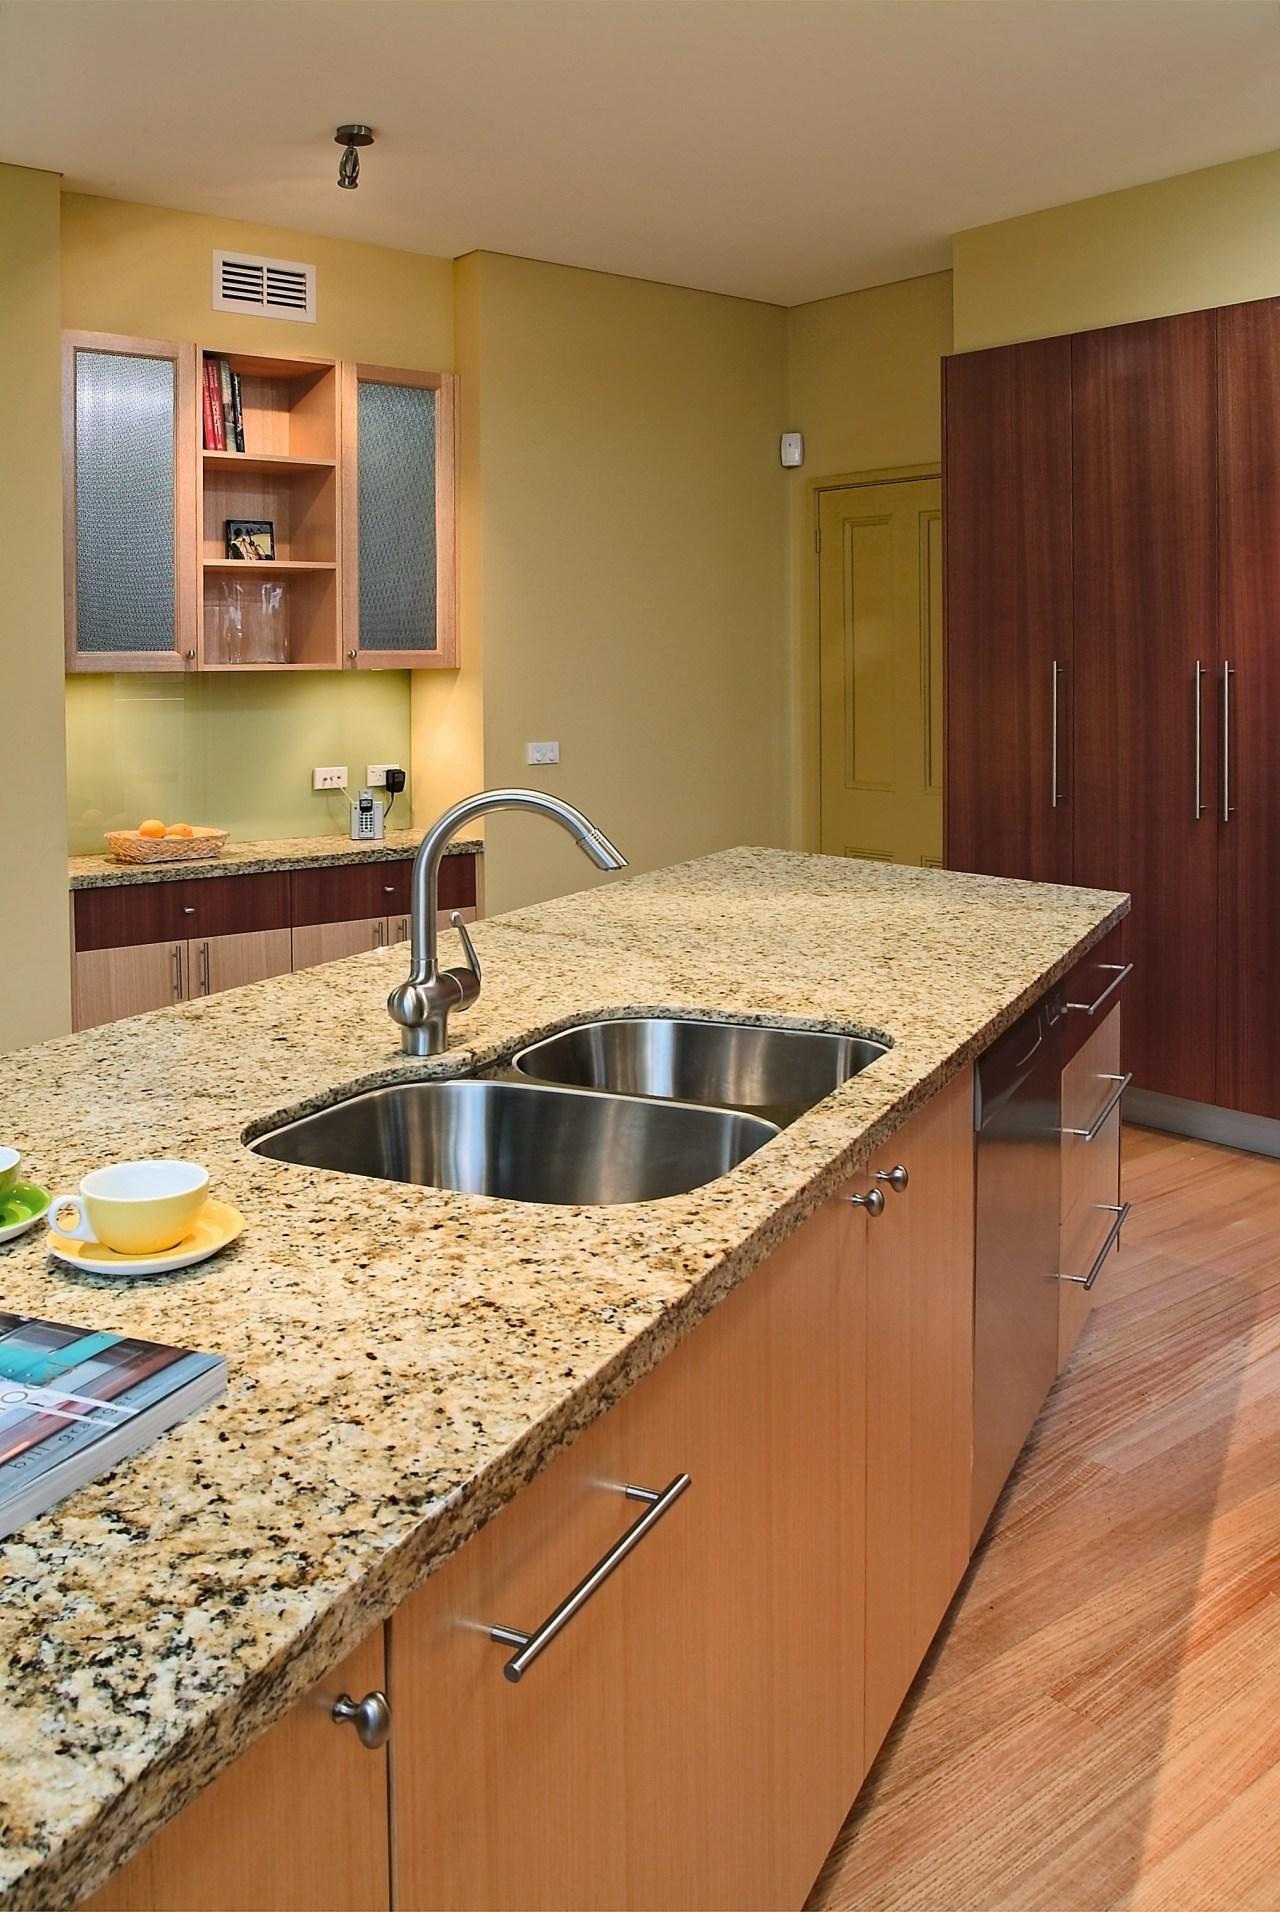 view of the giallo topazio granite benchtop cabinetry, countertop, floor, flooring, hardwood, interior design, kitchen, room, brown, orange